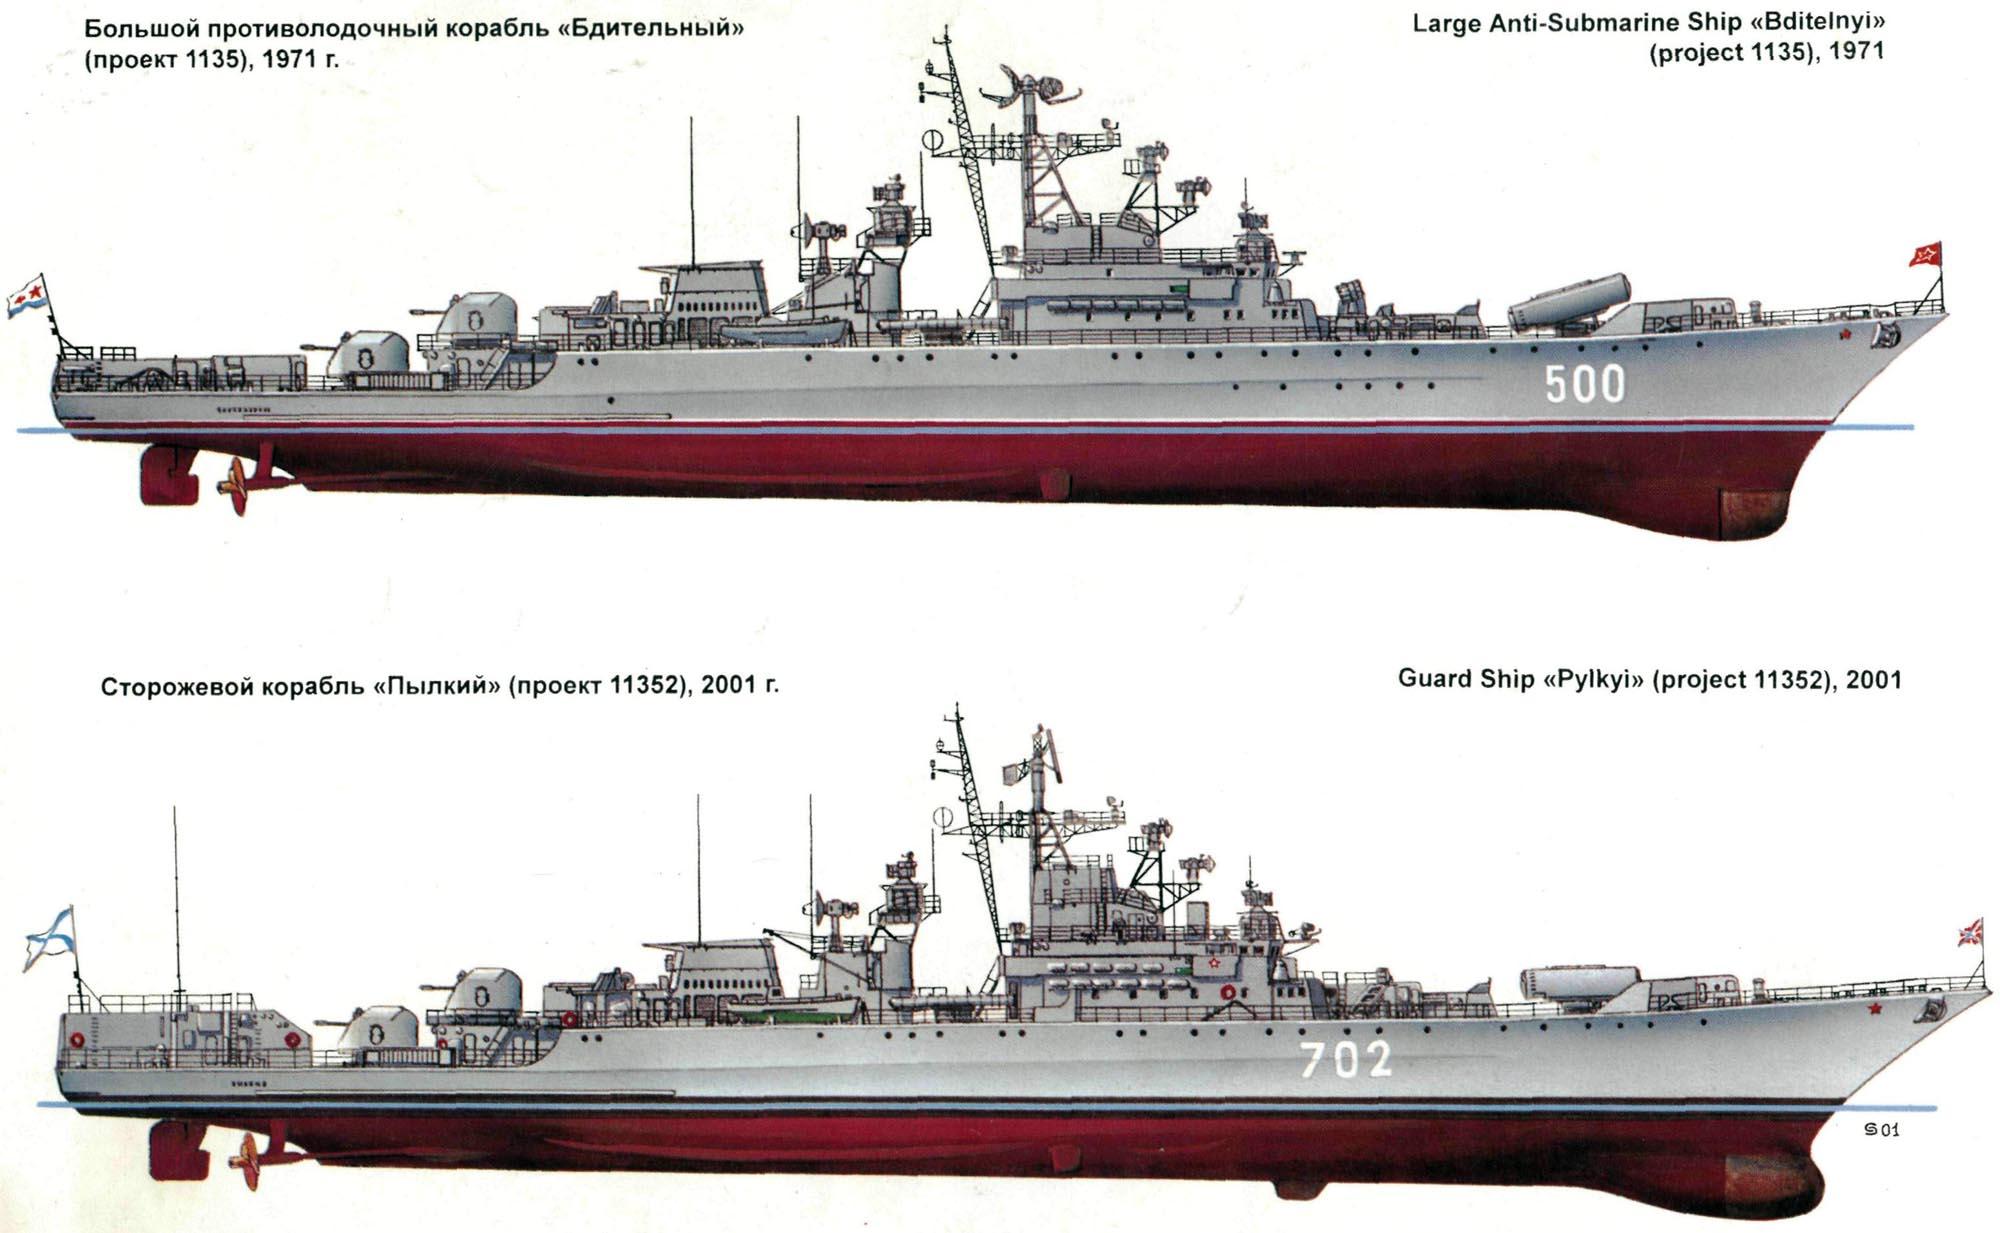 Сторожевые корабли проекта 1135, 11352